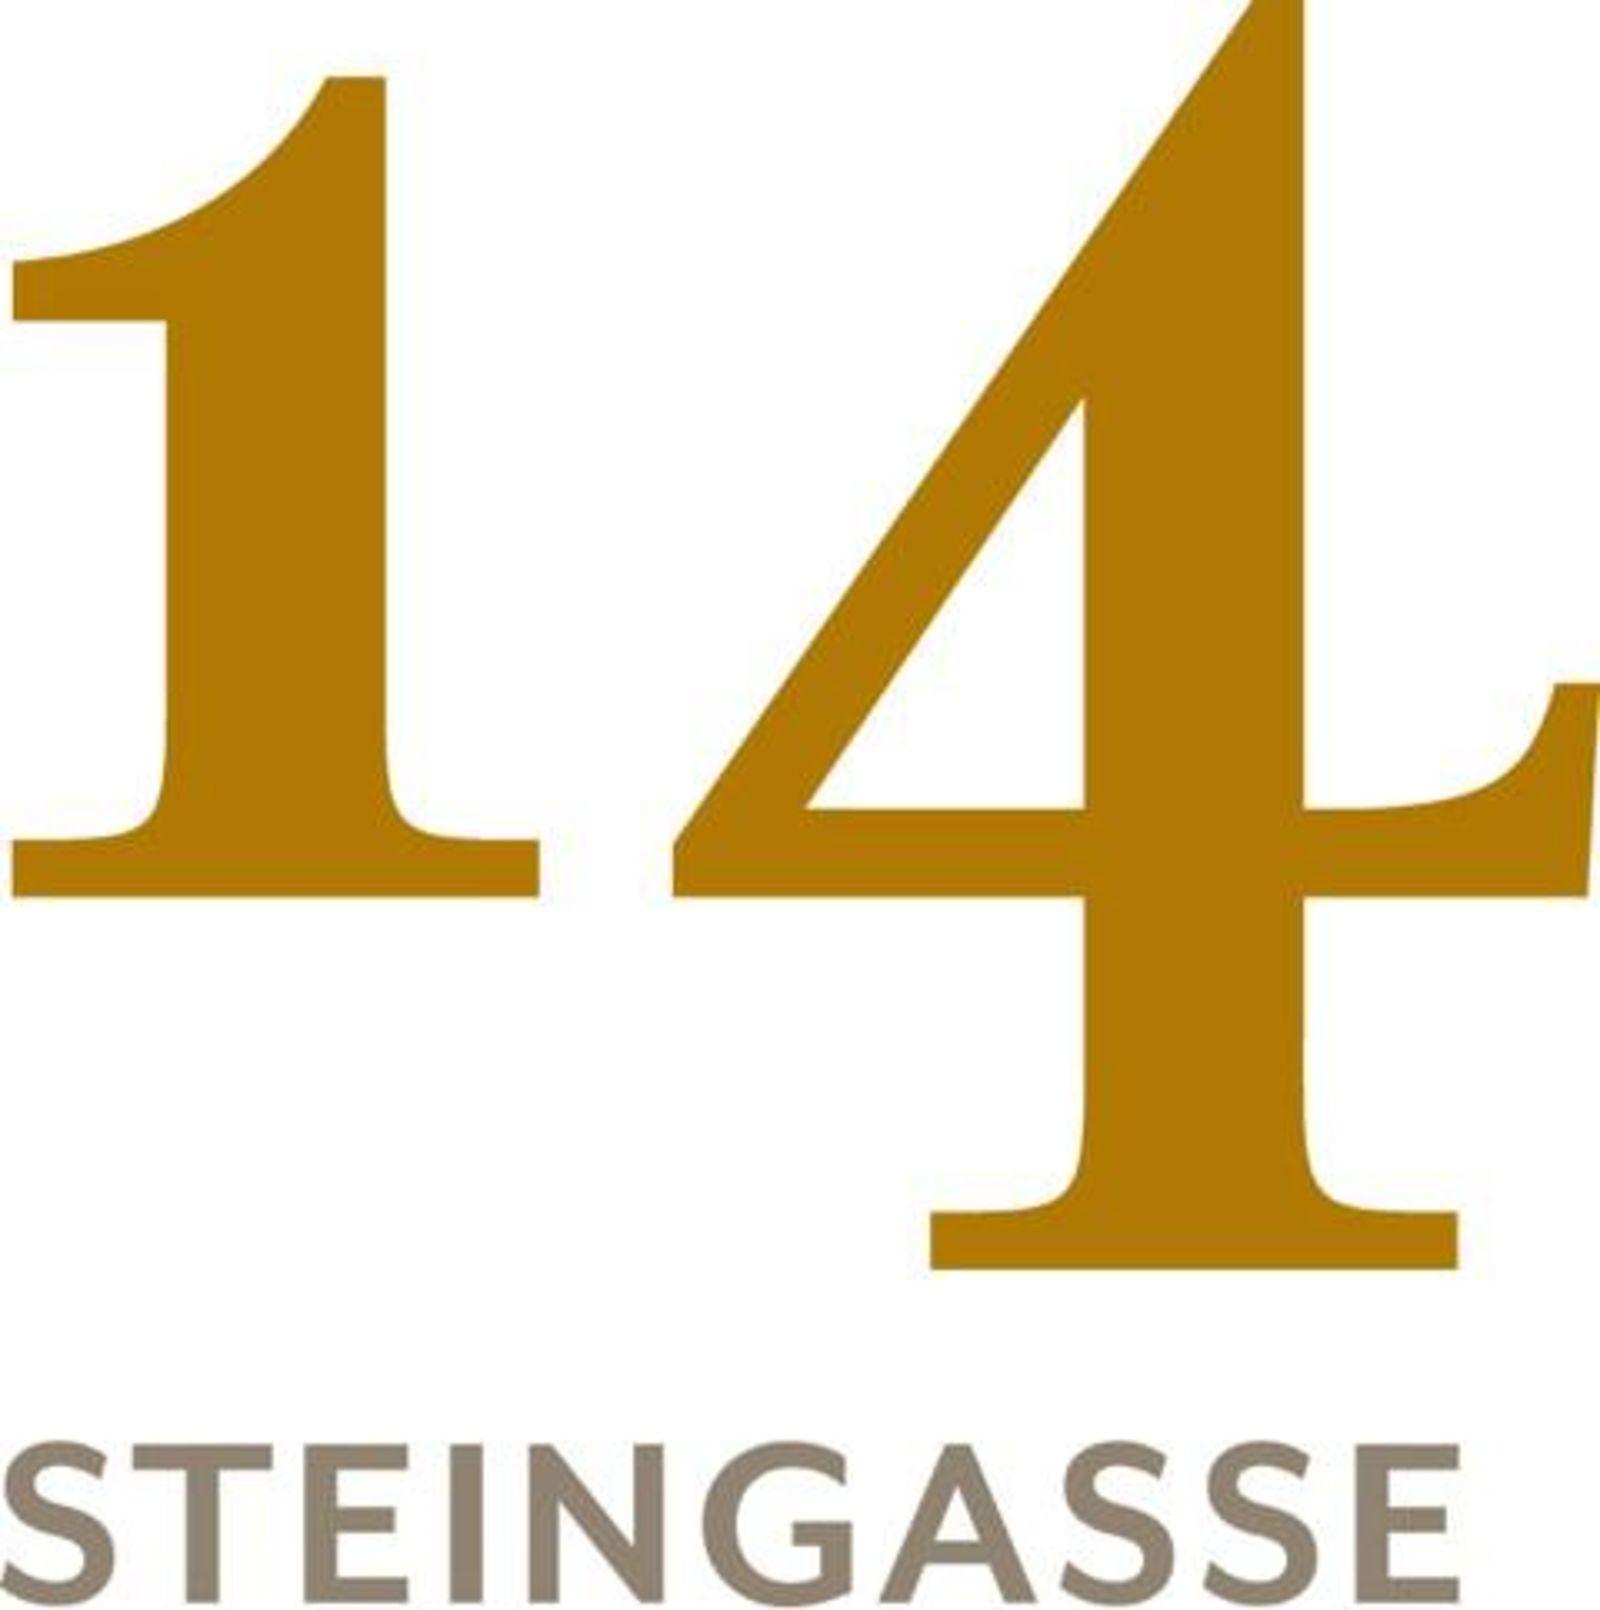 Steingasse 14 in Heidelberg (Bild 1)